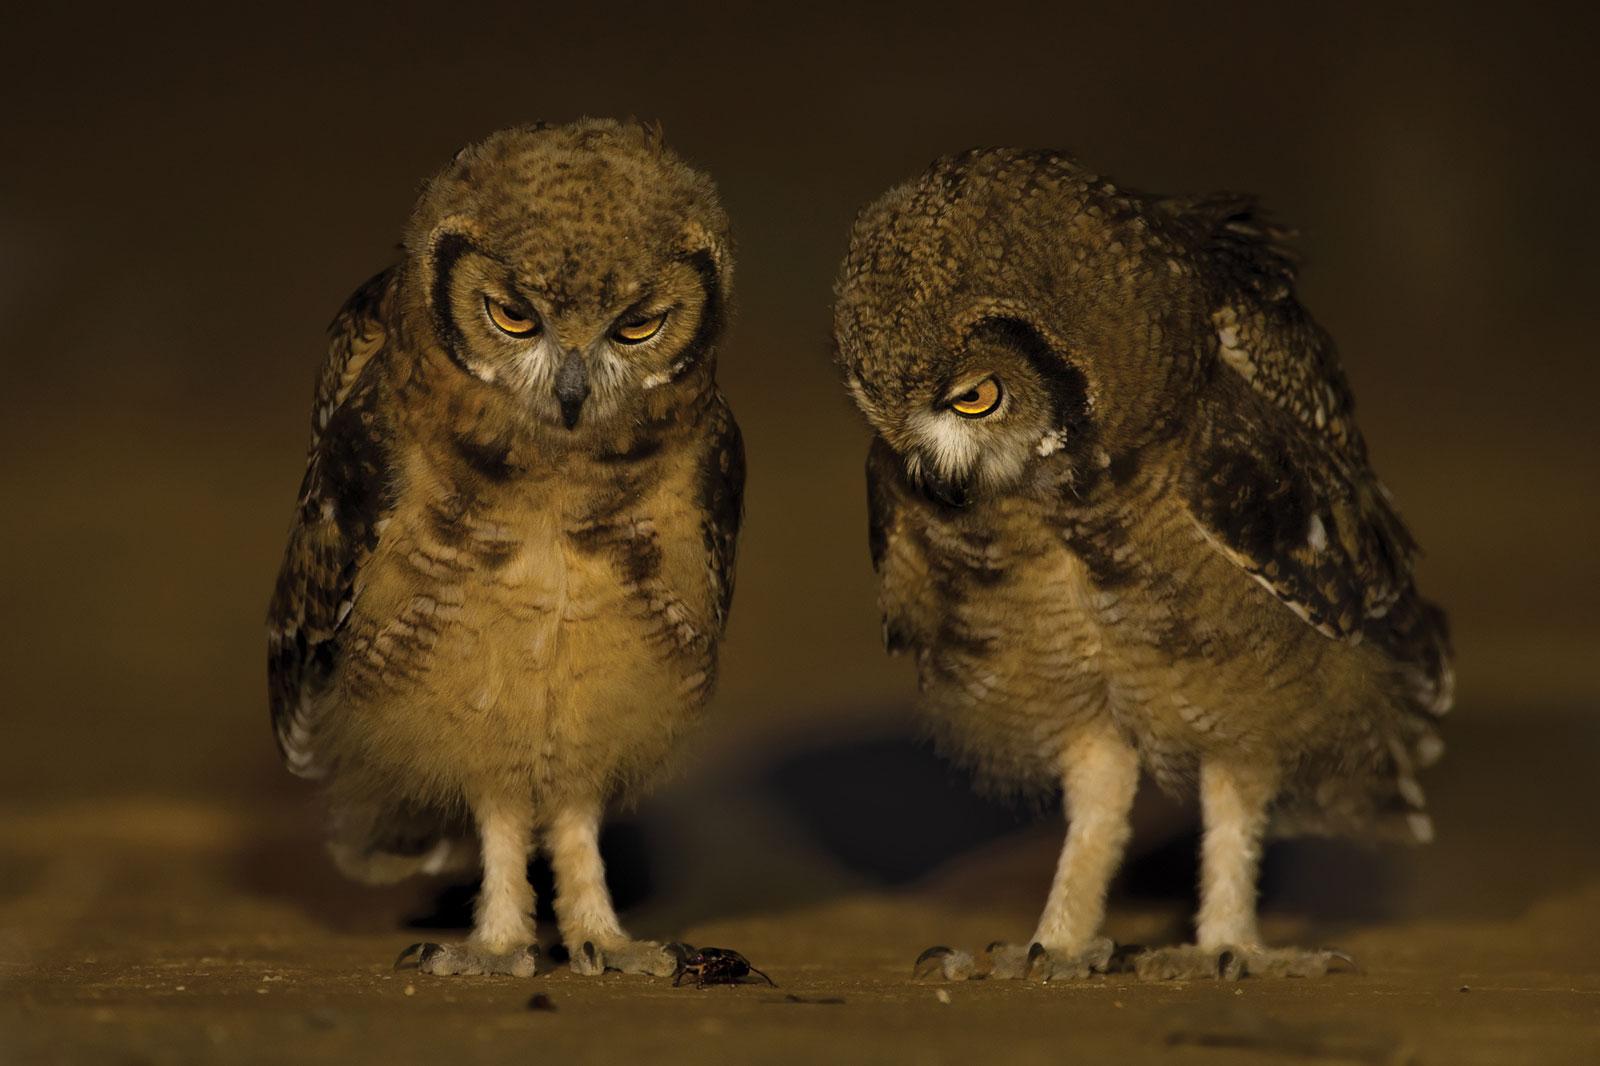 owls-hannes-lochner